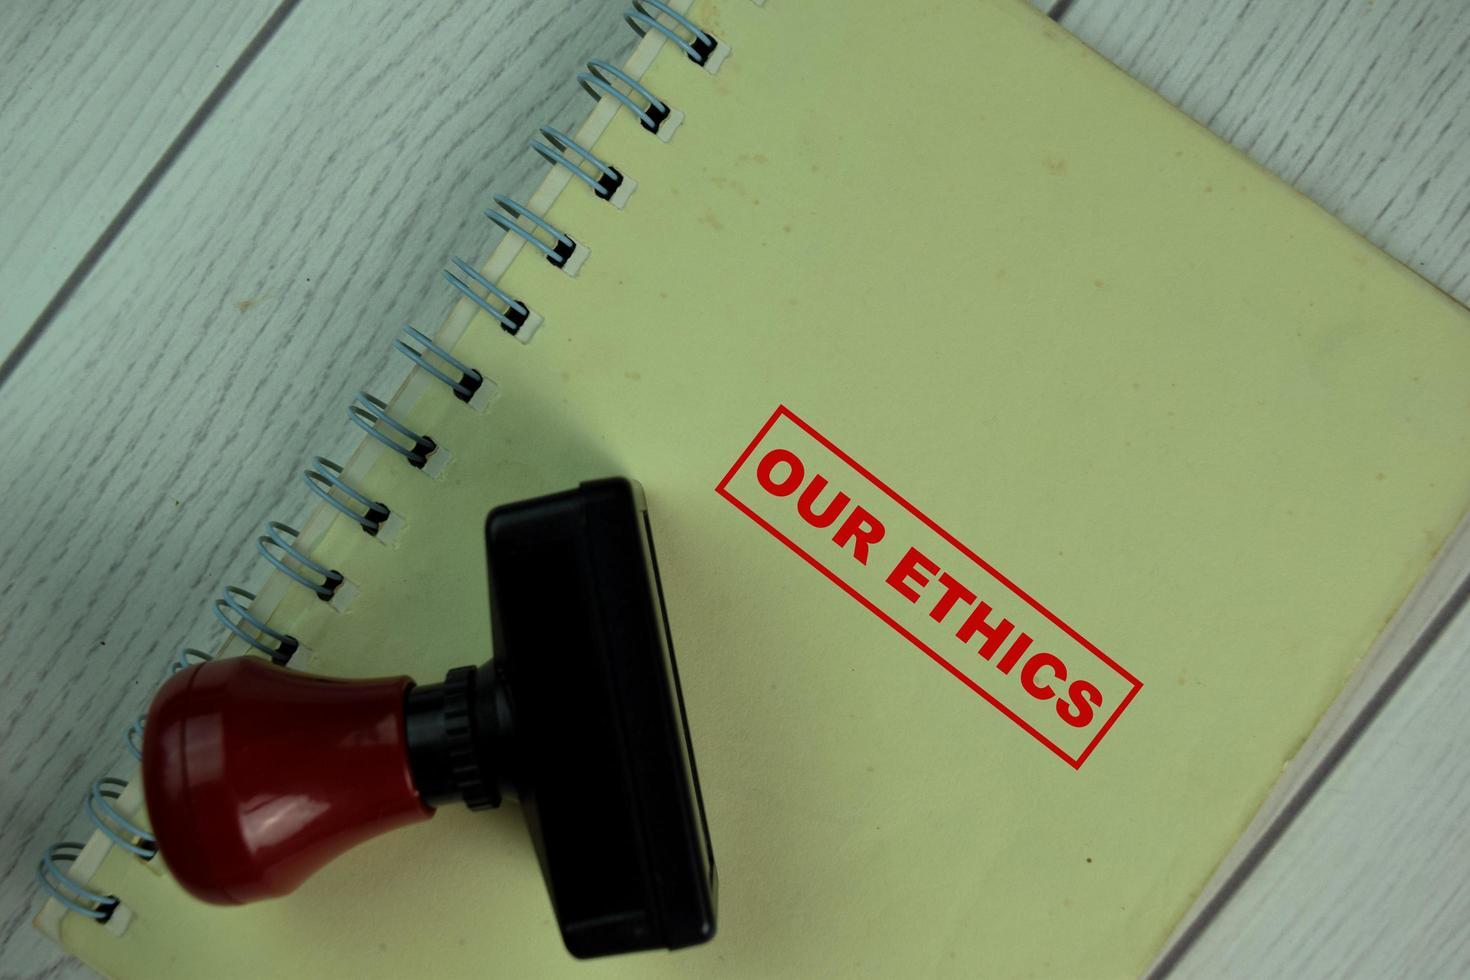 rode handvat rubberen stamper en onze ethische tekst geïsoleerd op tafel foto